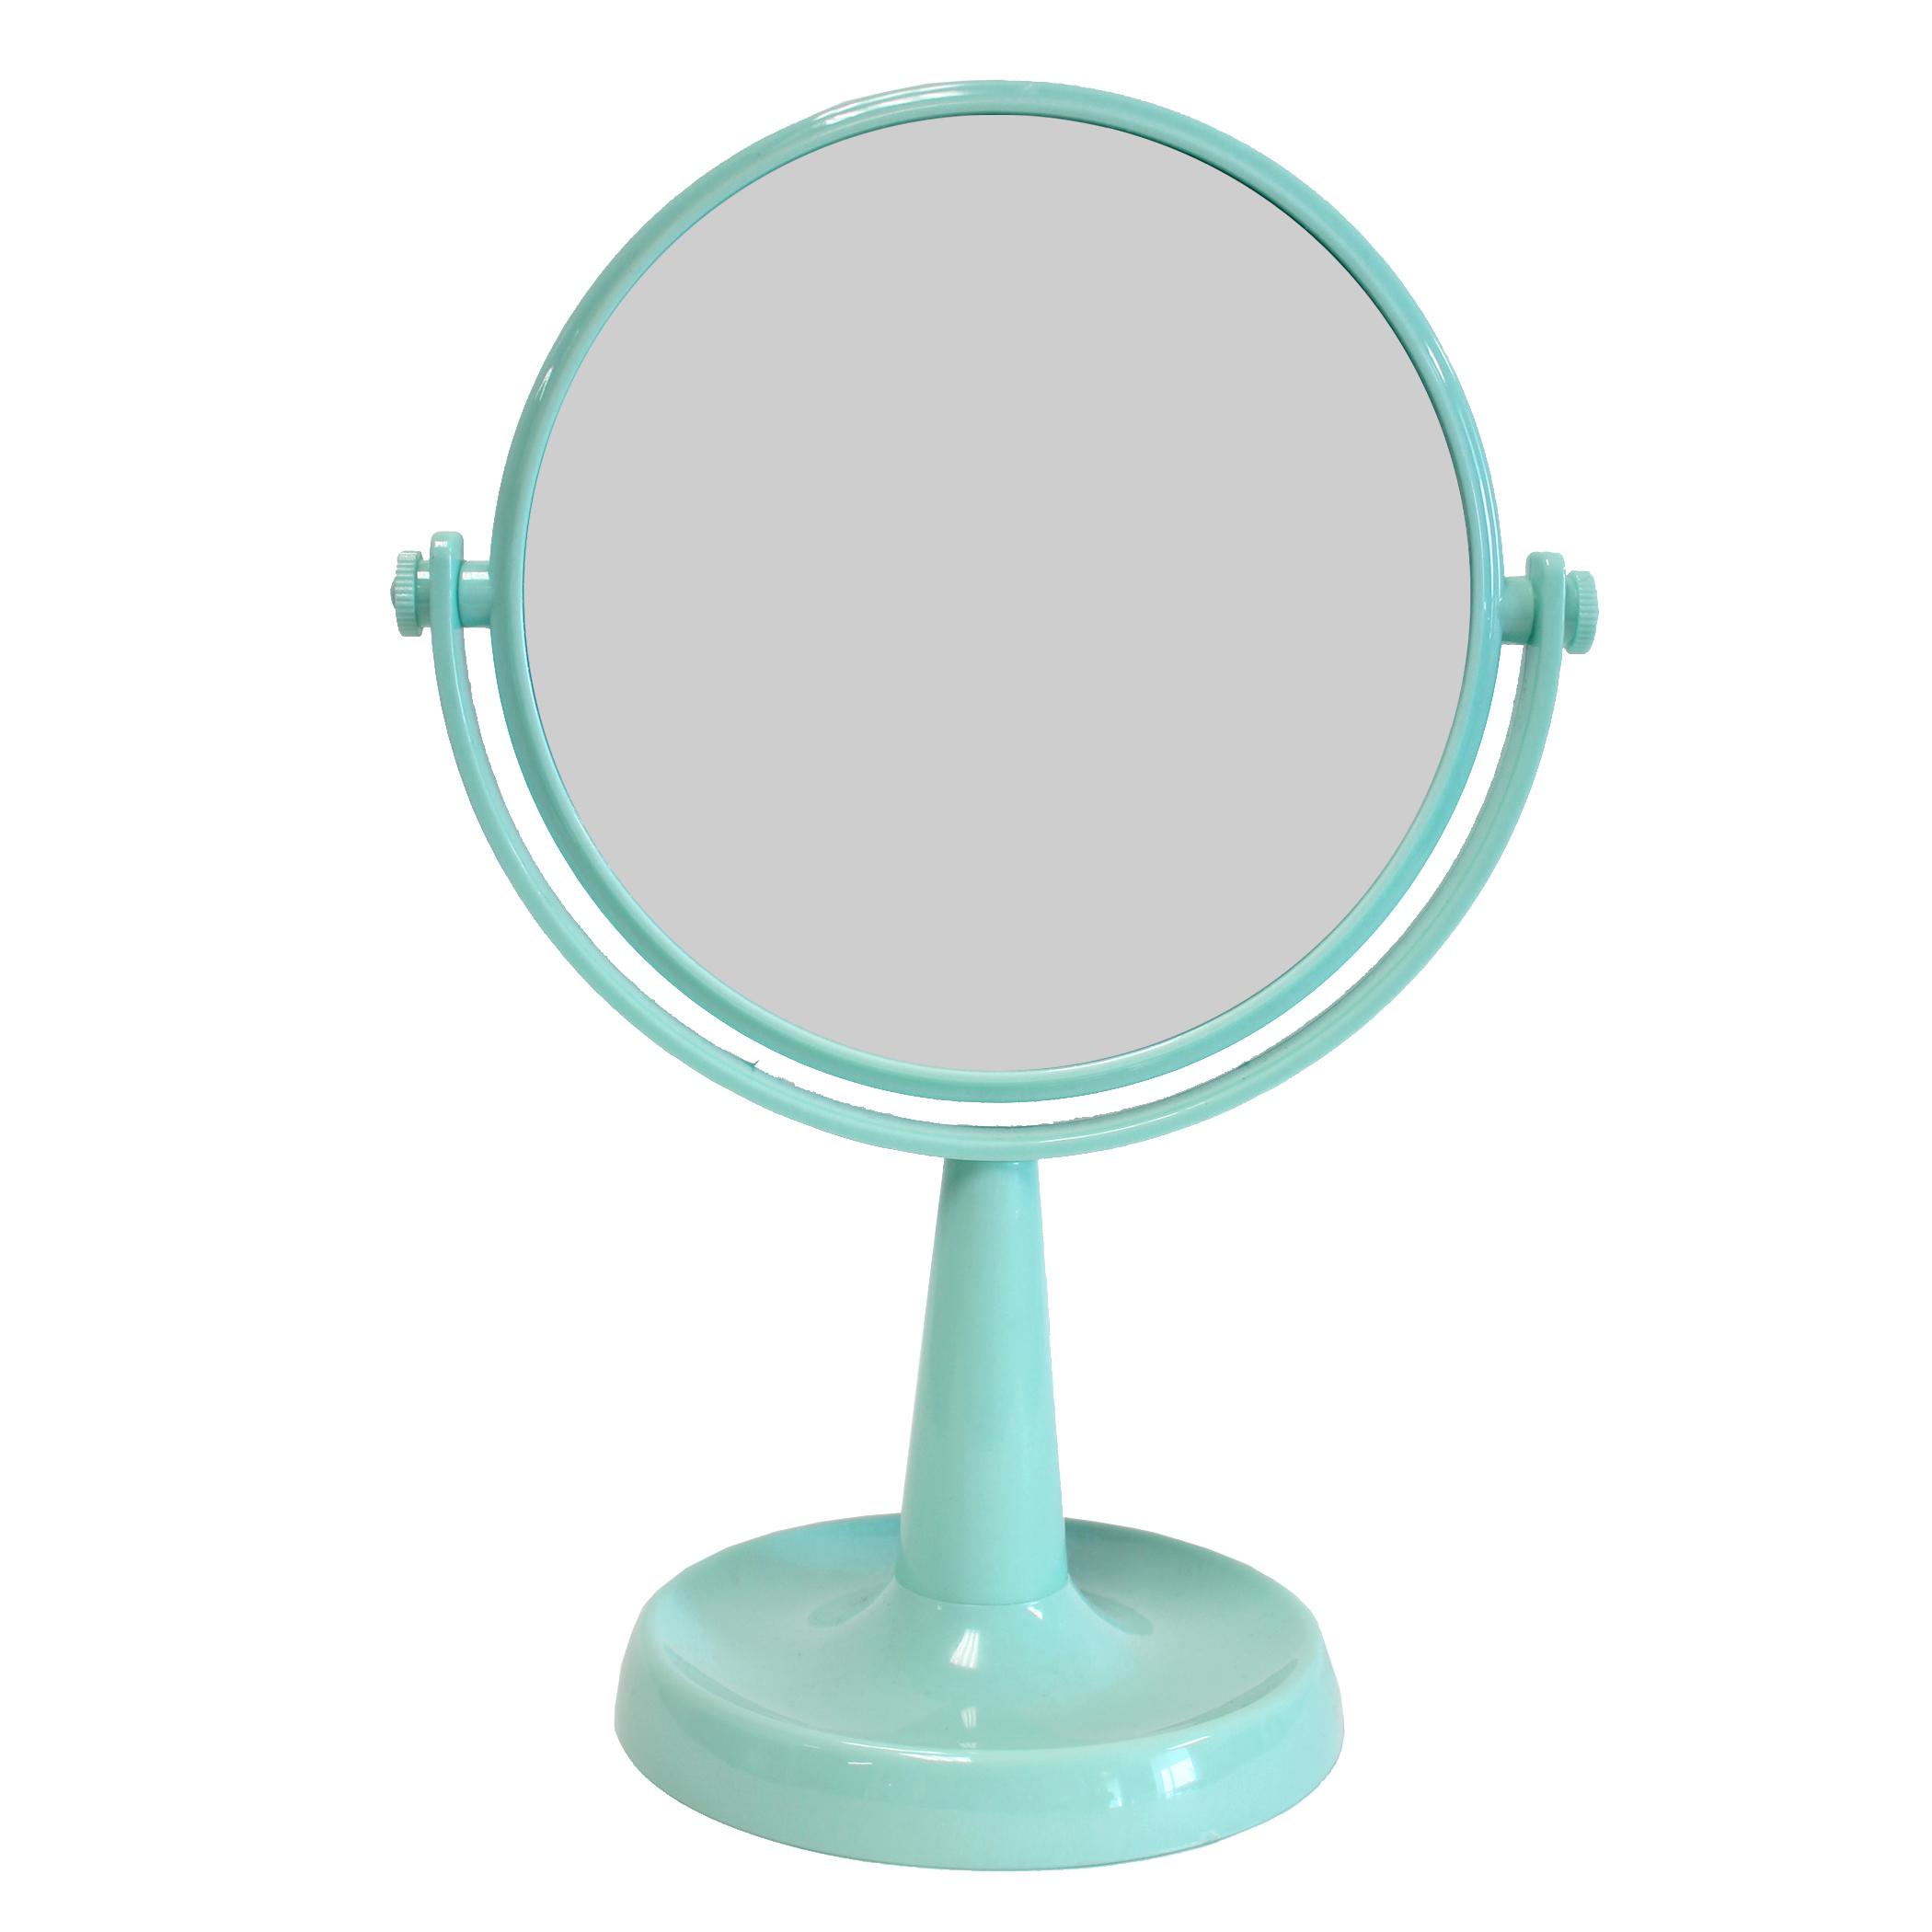 Flott plastic mirror